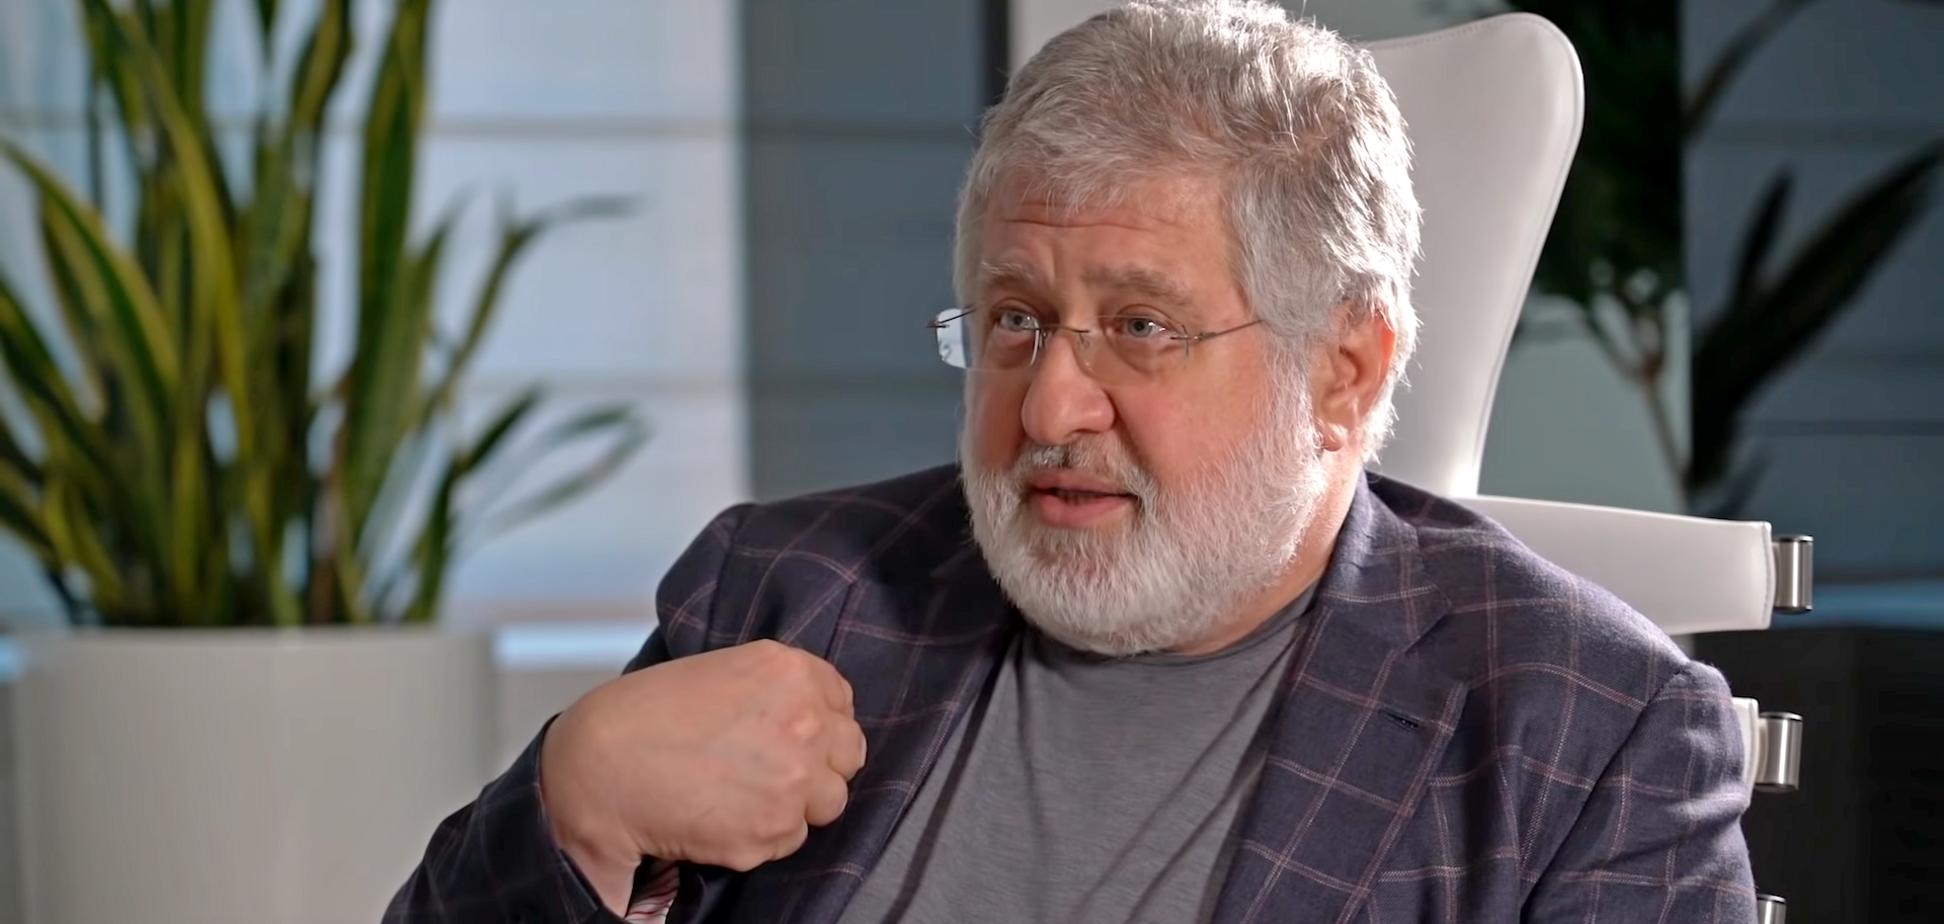 Данилов прояснил, почему Украина не ввела санкции против Коломойского